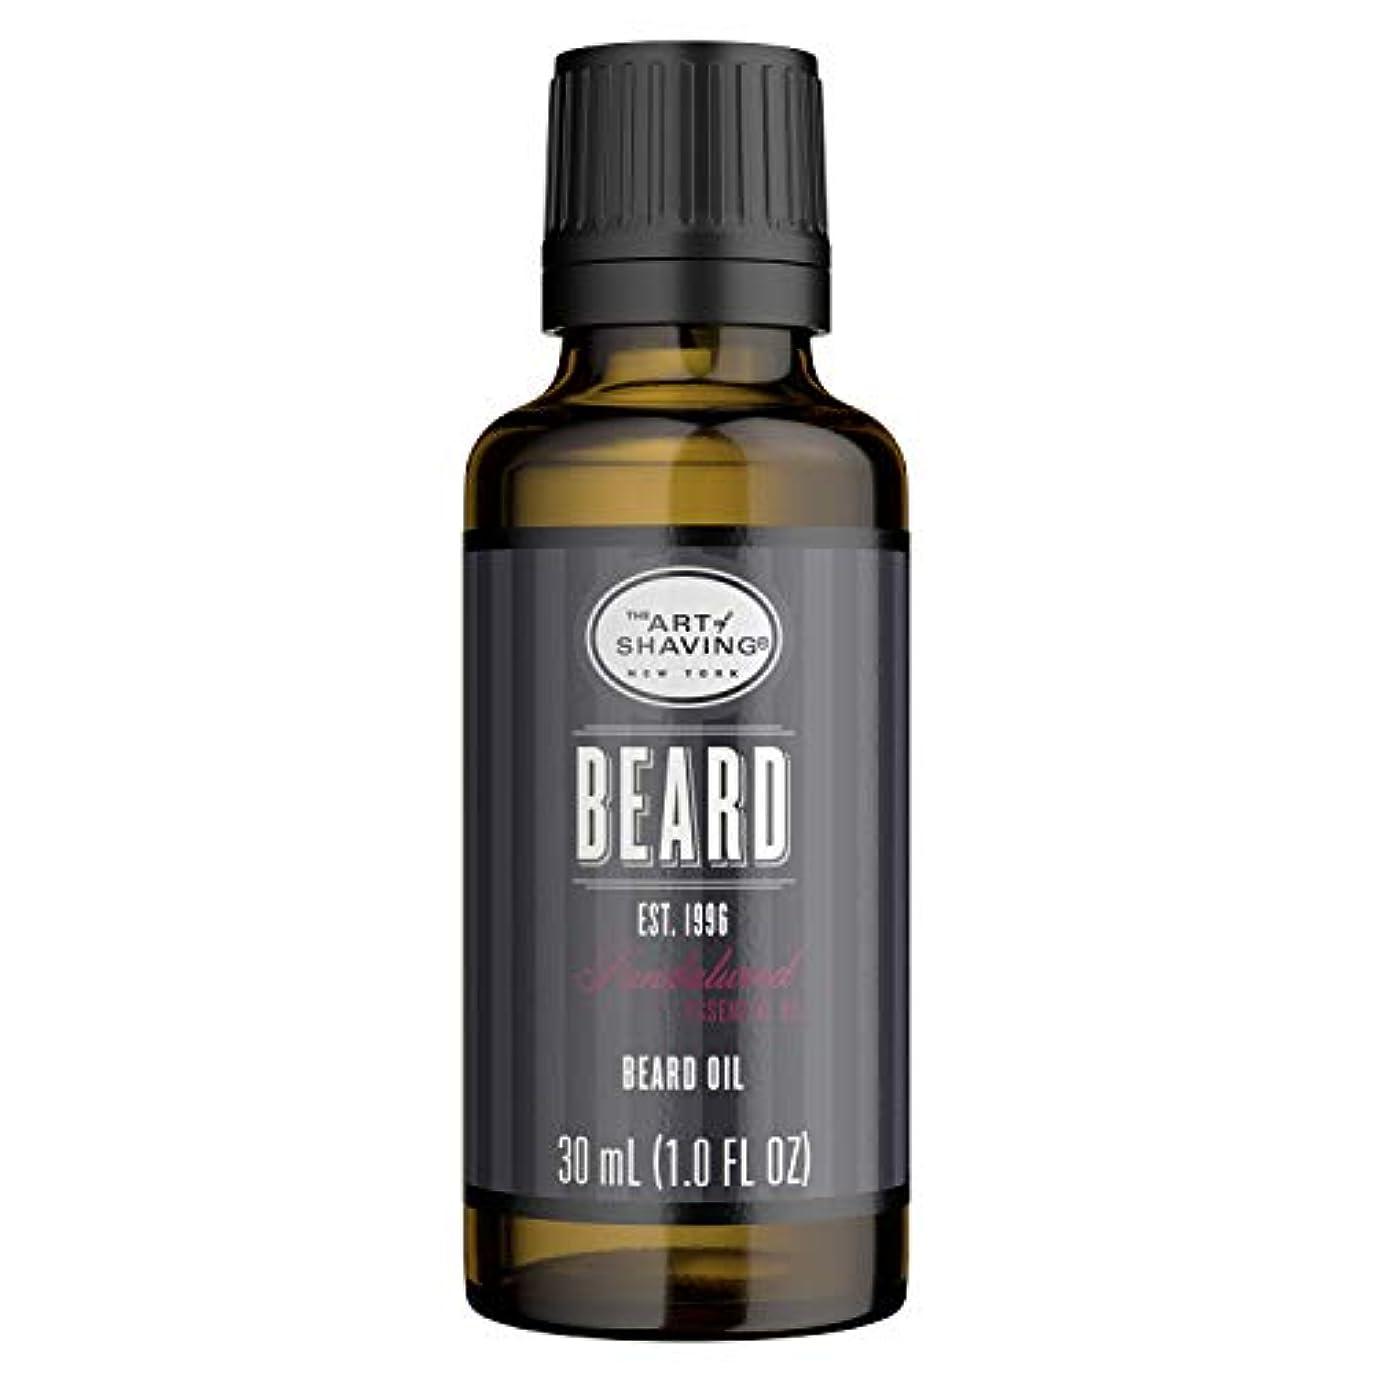 弓シャット心臓アートオブシェービング Beard Oil - Sandalwood Essential Oil 30ml/1oz並行輸入品